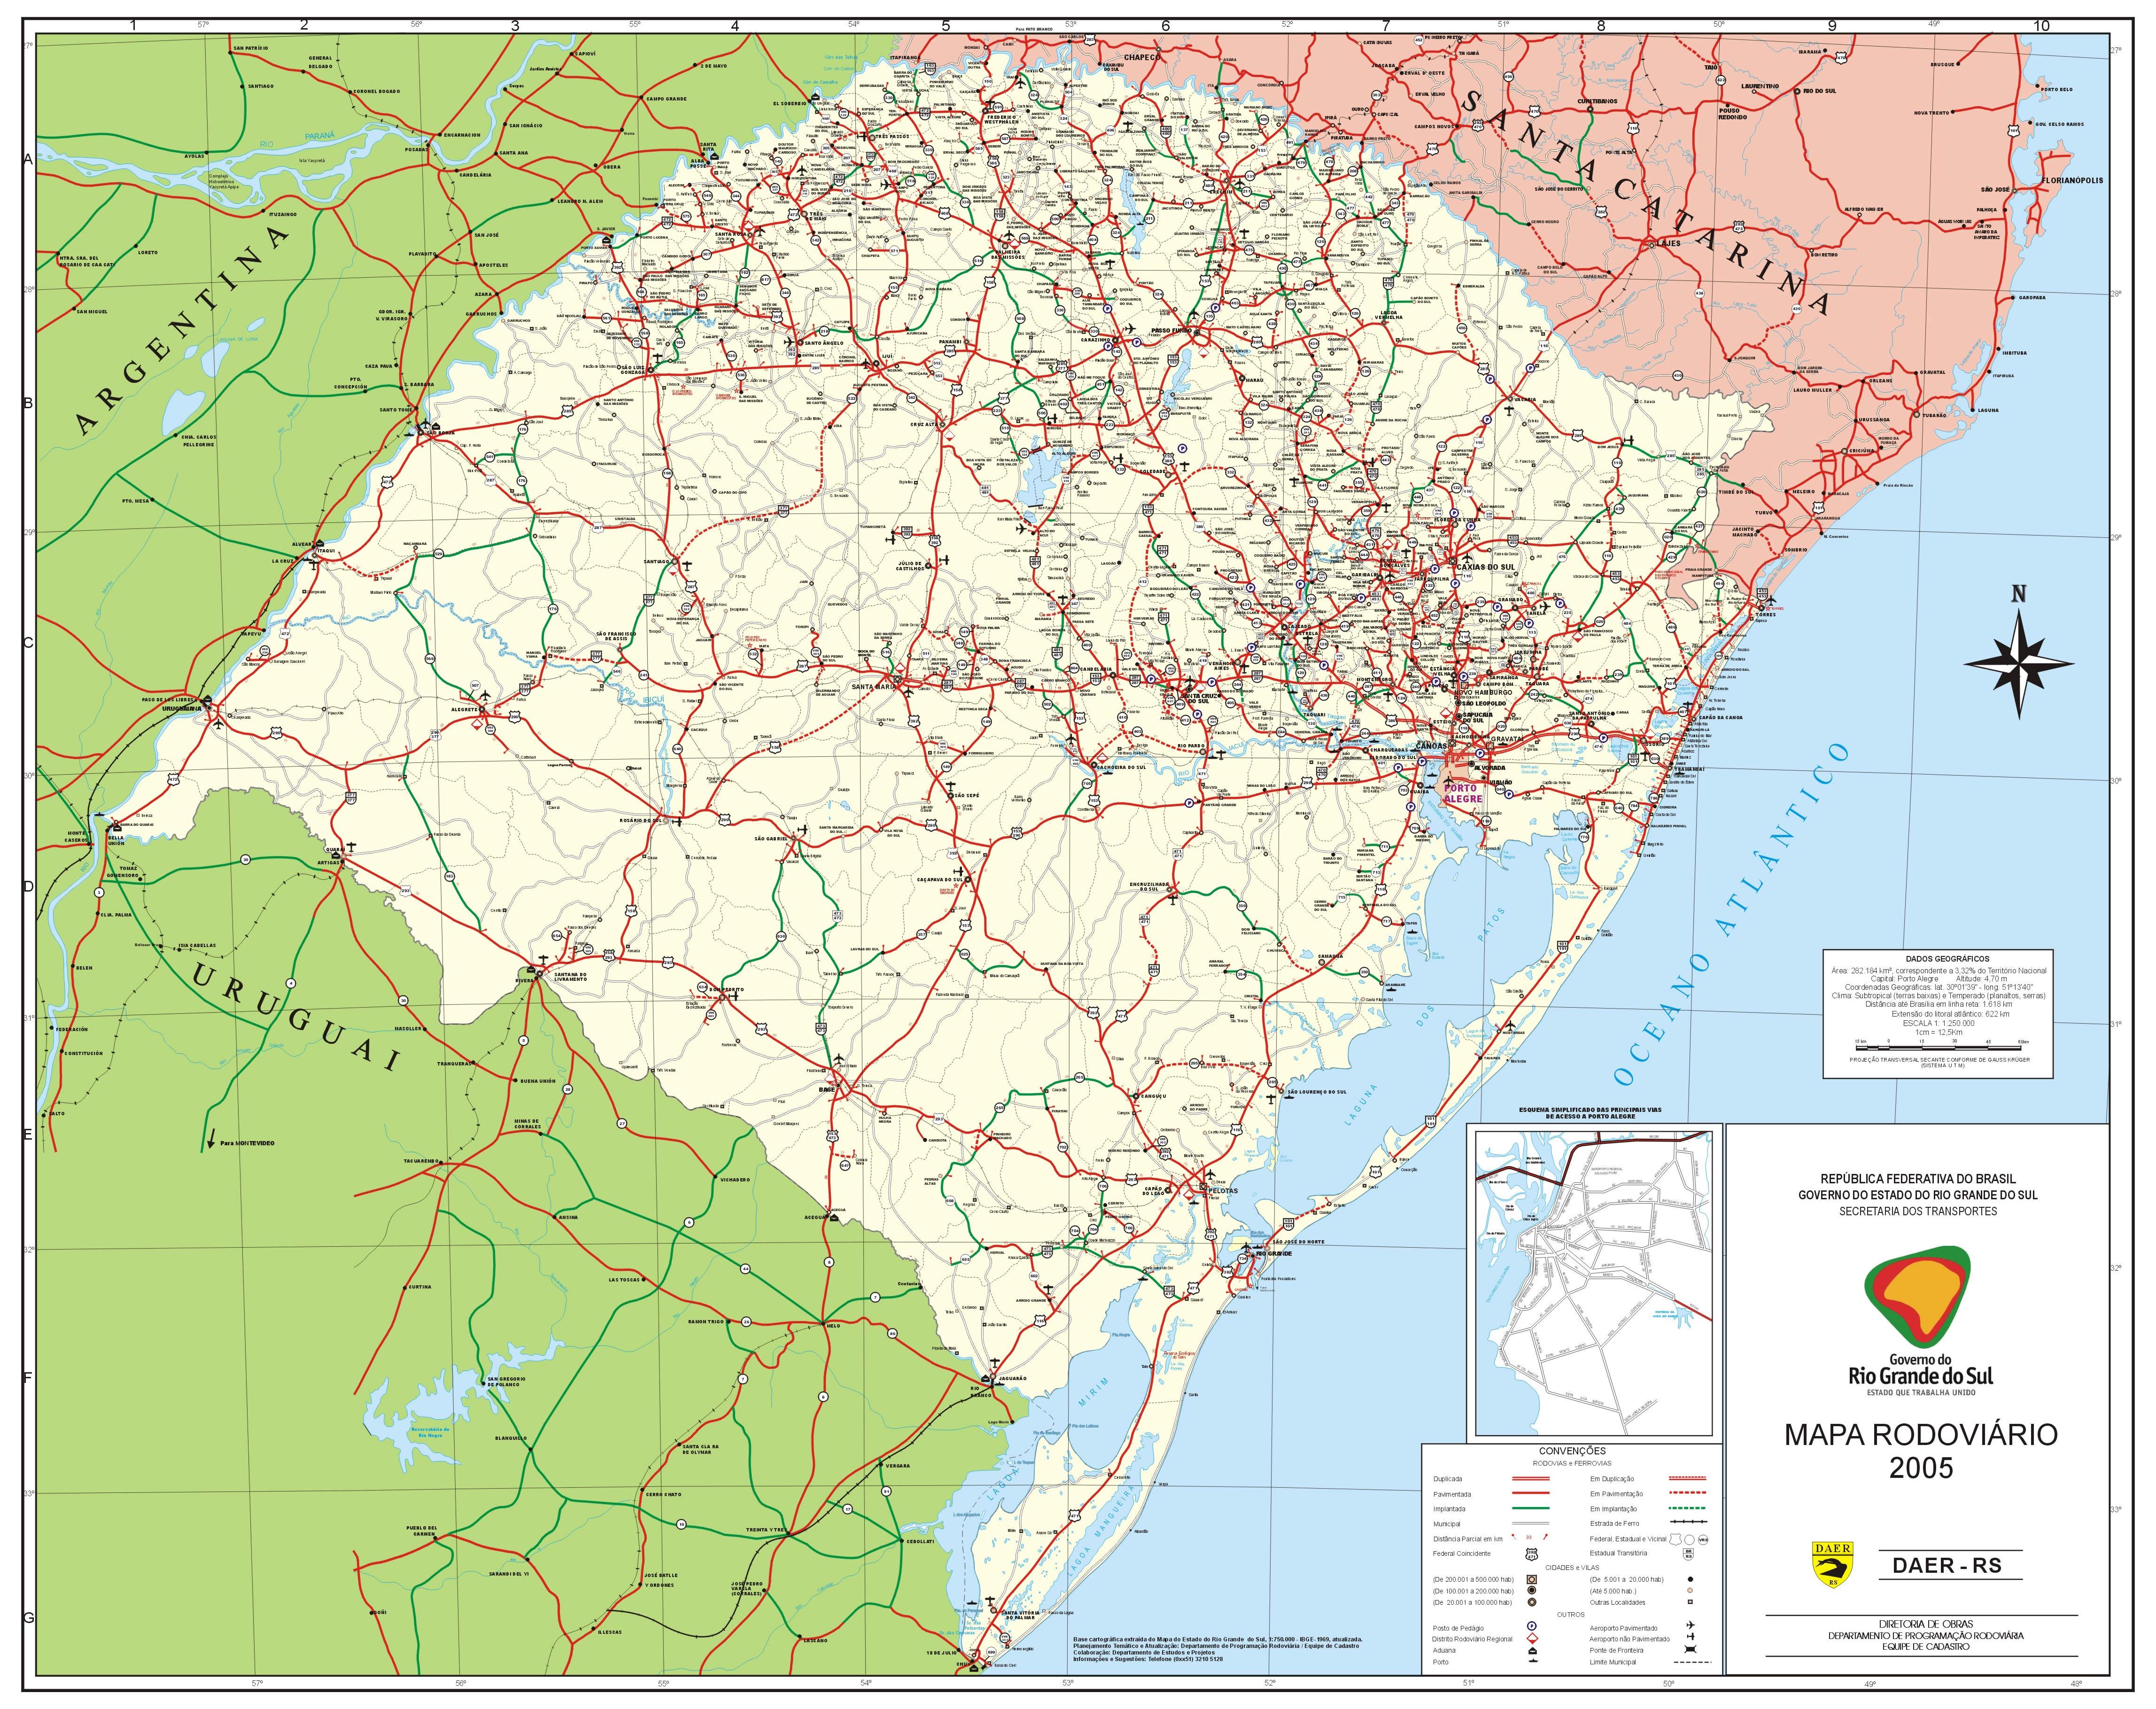 Mapa Vial del Estado de Rio Grande do Sul, Brasil